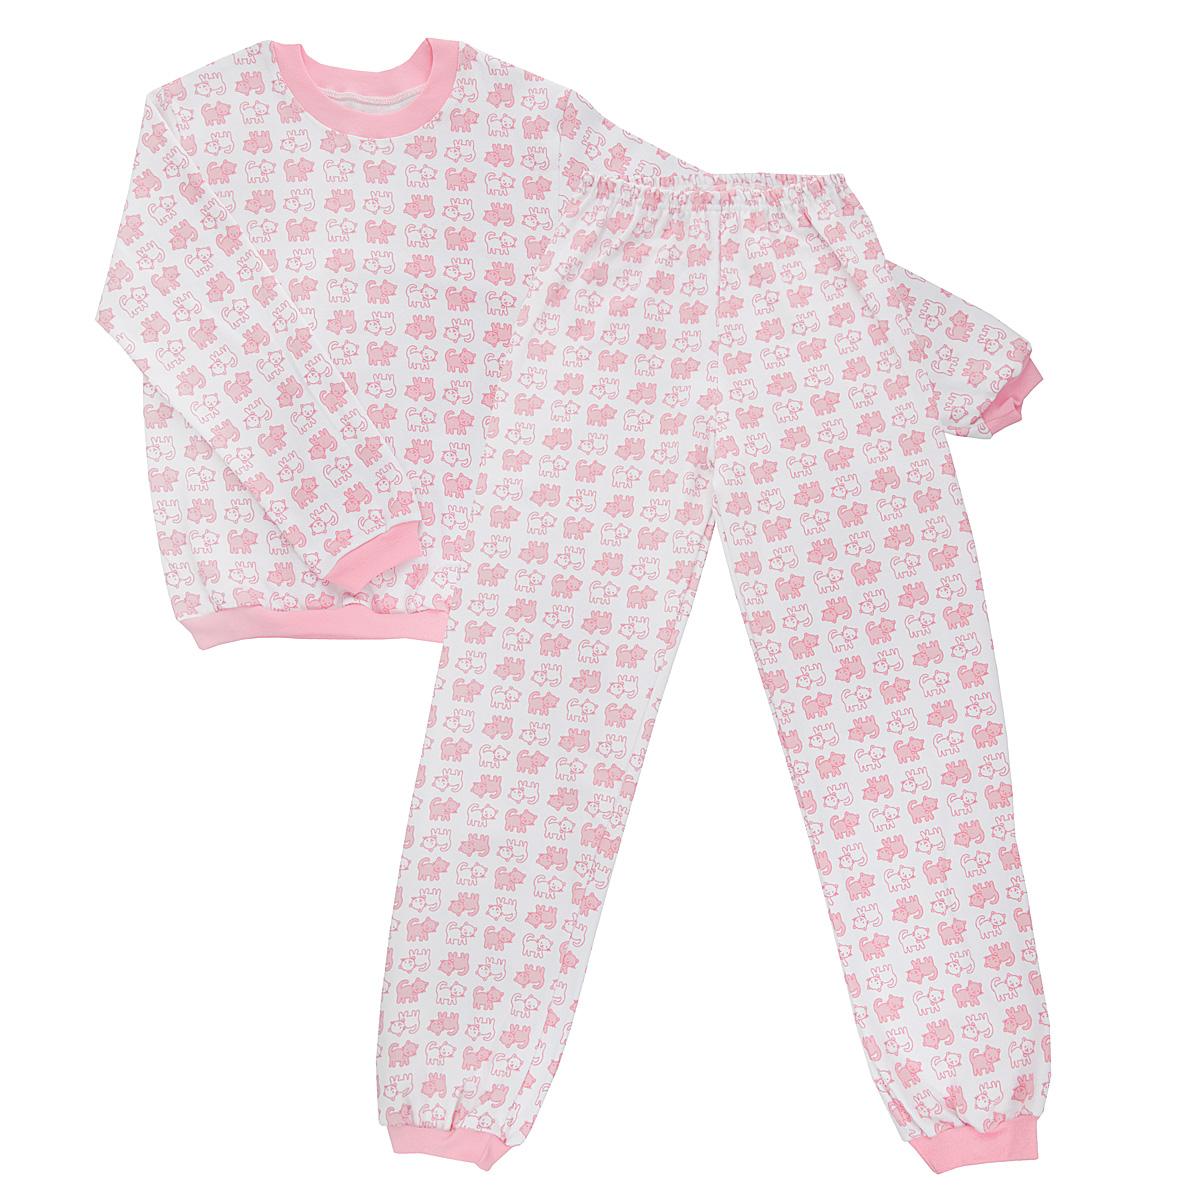 5555_котенокУютная детская пижама Трон-плюс, состоящая из джемпера и брюк, идеально подойдет вашему ребенку и станет отличным дополнением к детскому гардеробу. Изготовленная из интерлока, она необычайно мягкая и легкая, не сковывает движения, позволяет коже дышать и не раздражает даже самую нежную и чувствительную кожу ребенка. Трикотажный джемпер с длинными рукавами имеет круглый вырез горловины. Низ изделия, рукава и вырез горловины дополнены эластичной трикотажной резинкой контрастного цвета. Брюки на талии имеют эластичную резинку, благодаря чему не сдавливают живот ребенка и не сползают. Низ брючин дополнен широкими эластичными манжетами контрастного цвета. Оформлено изделие оригинальным принтом с изображением котят. В такой пижаме ваш ребенок будет чувствовать себя комфортно и уютно во время сна.